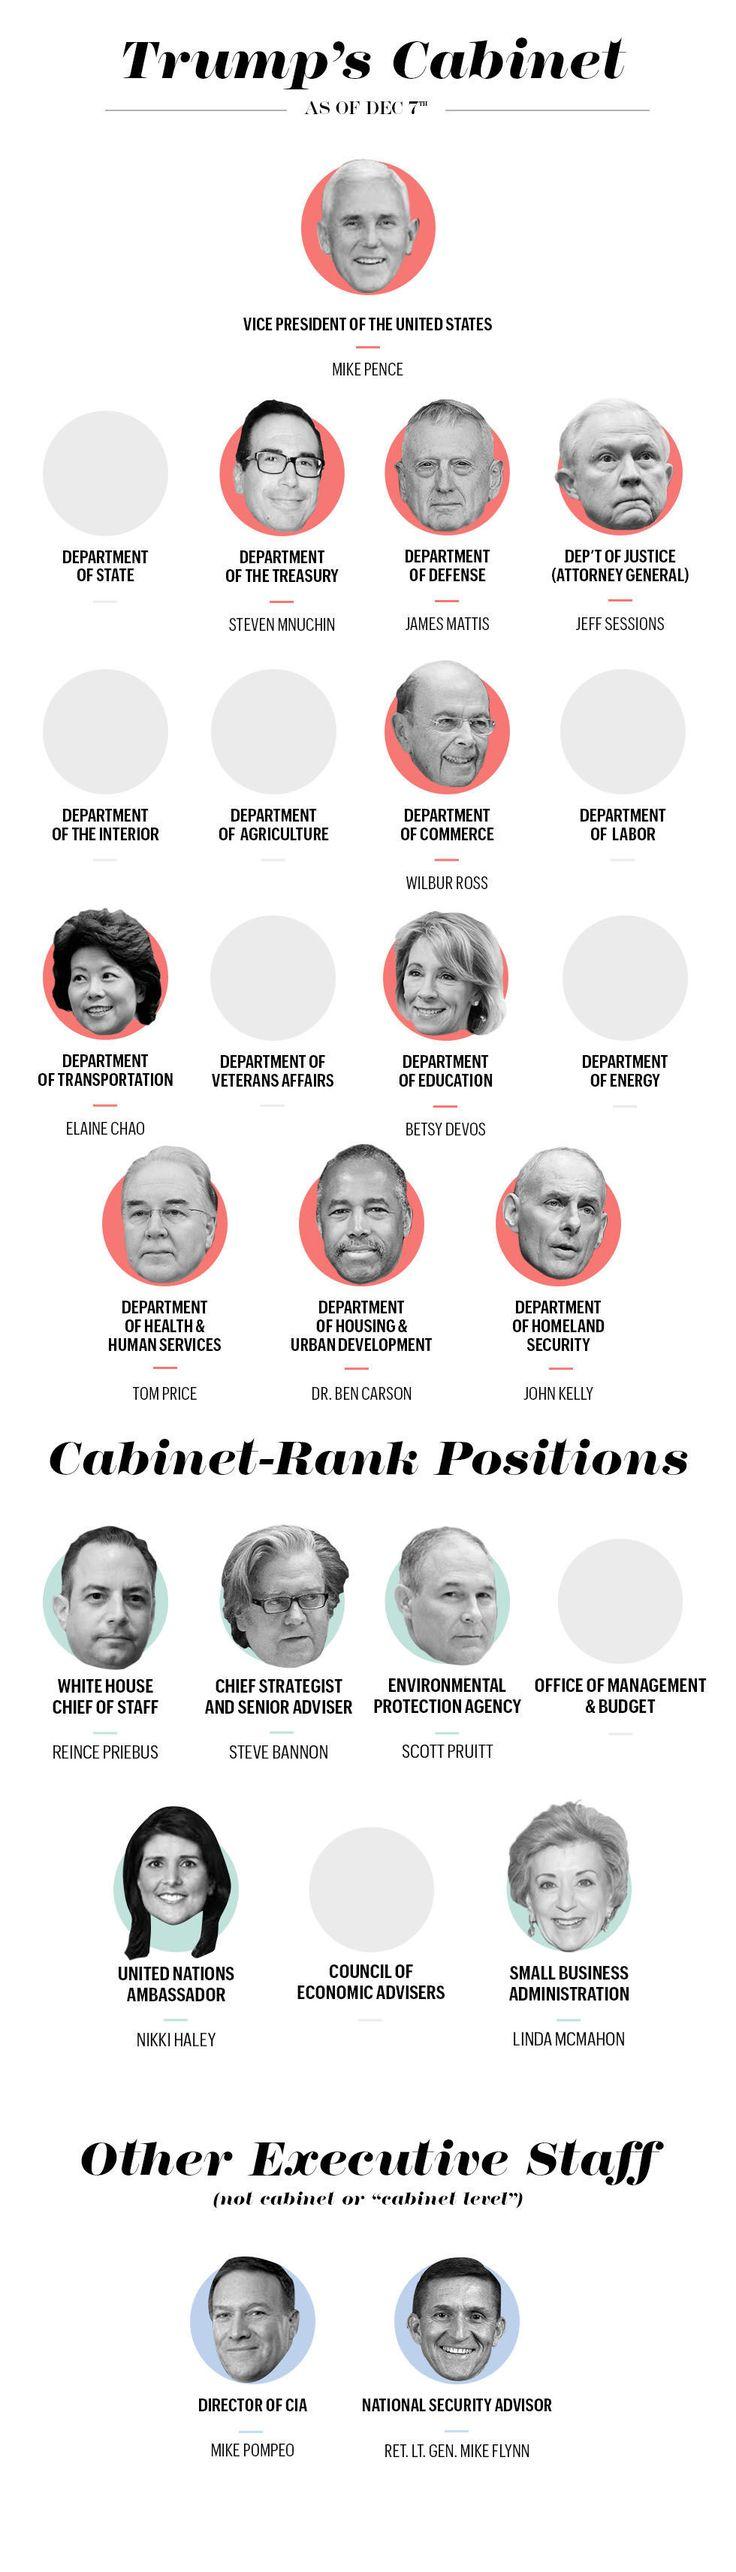 108 best Politics images on Pinterest | White houses, The white ...